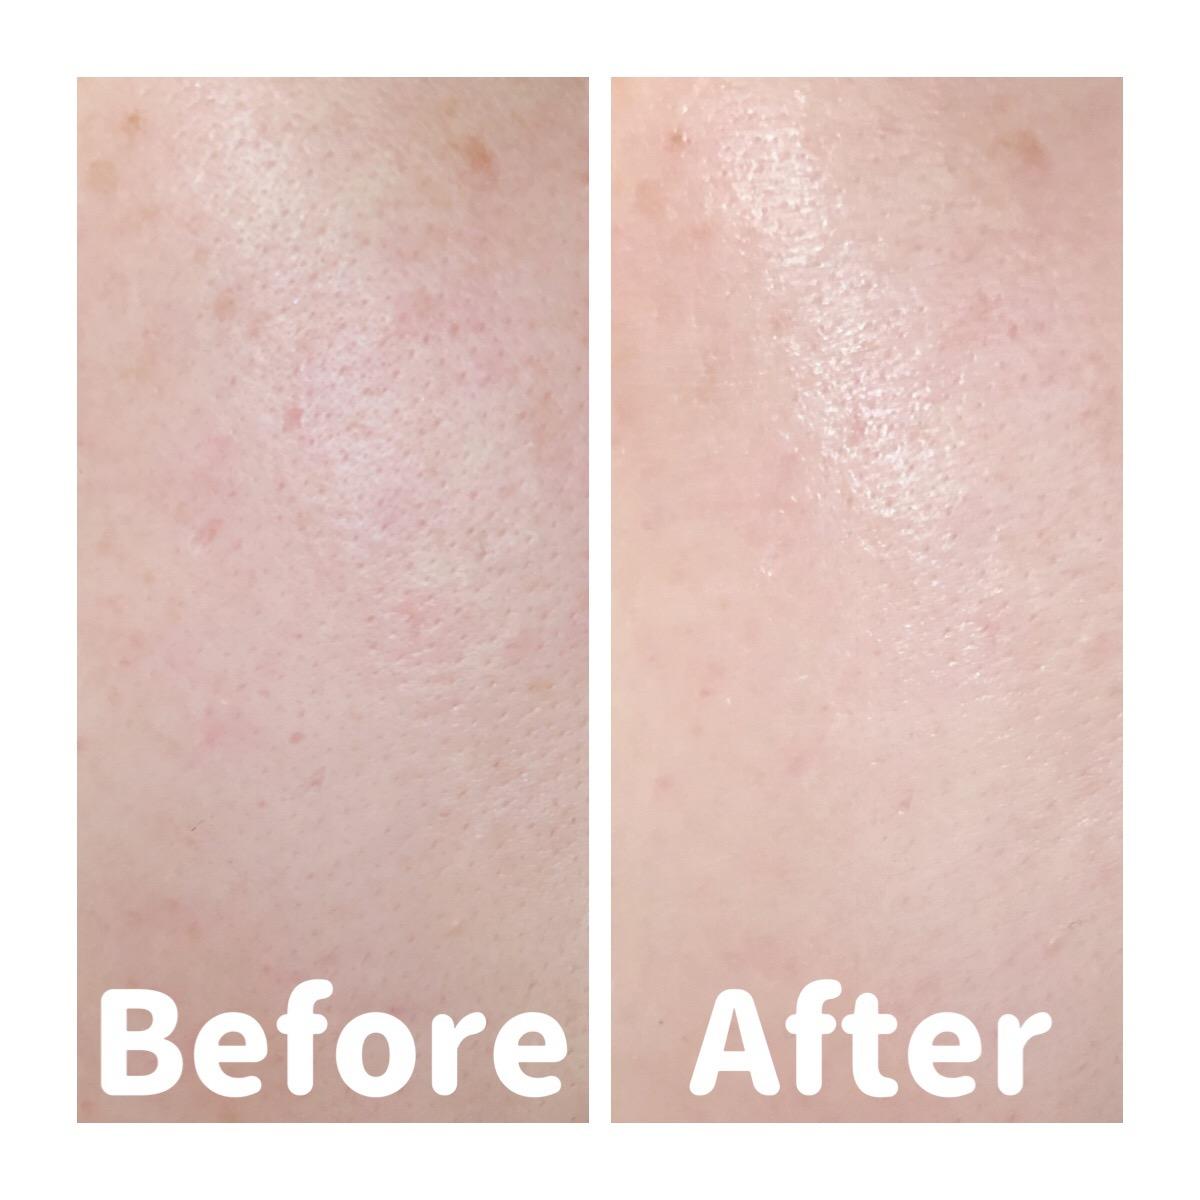 Tinh Chất Chống Nắng Dưỡng Ẩm Nâng Tông Che Khuyết Điểm Sunplay SPF50+ PA++++ Skin Aqua Tone Up UV Essence before after